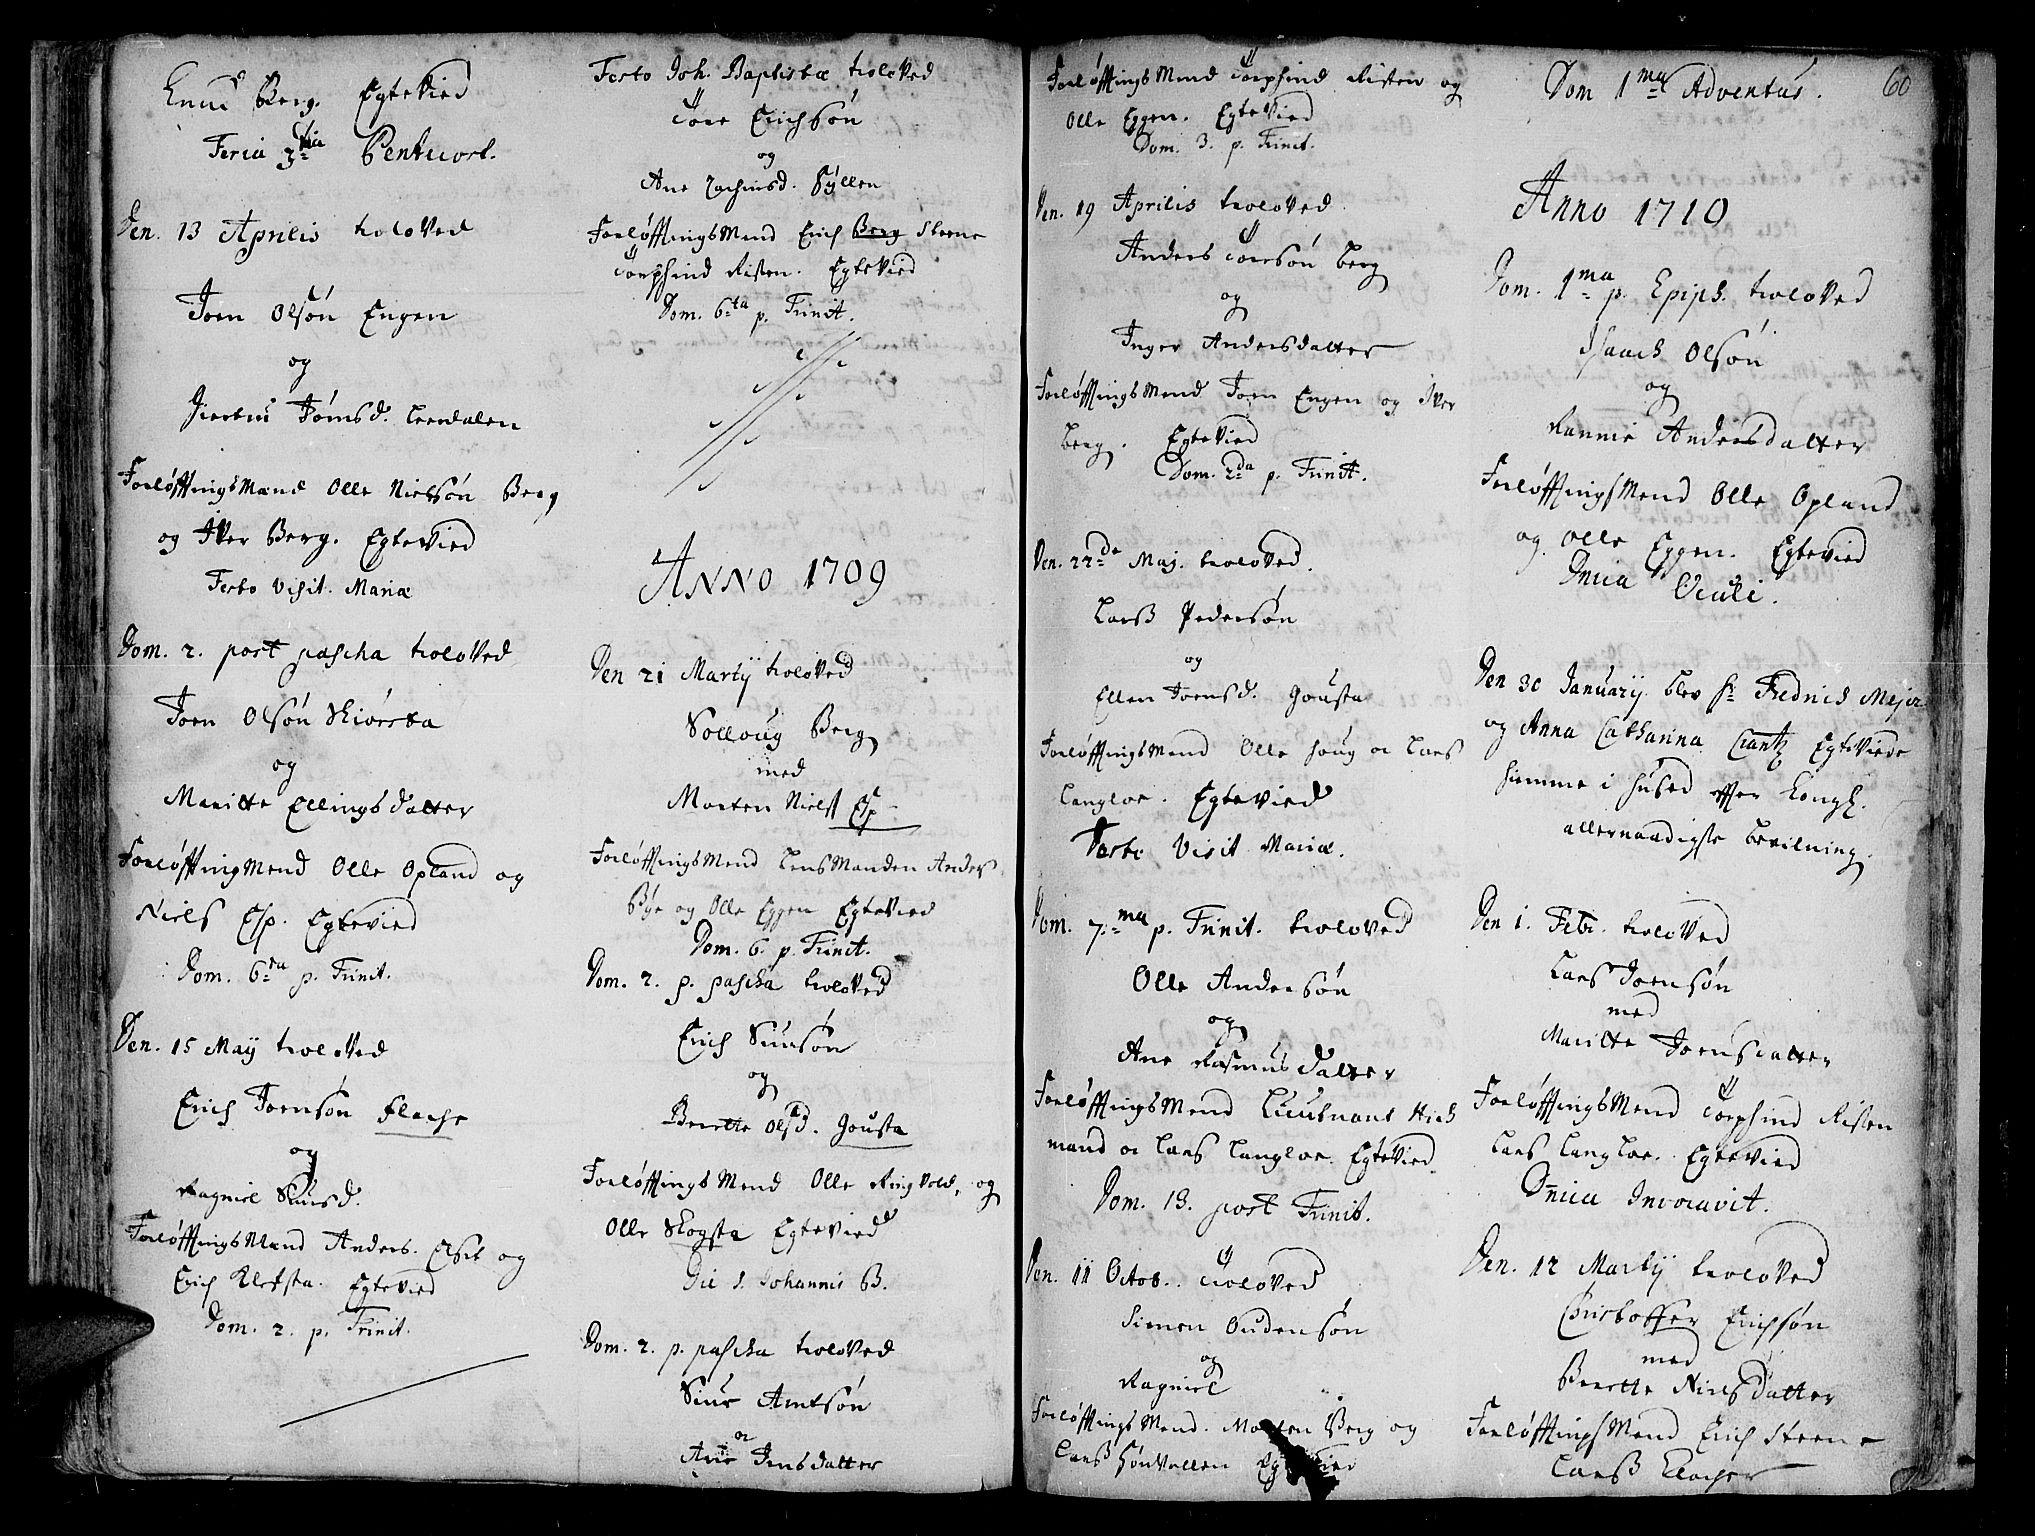 SAT, Ministerialprotokoller, klokkerbøker og fødselsregistre - Sør-Trøndelag, 612/L0368: Ministerialbok nr. 612A02, 1702-1753, s. 60